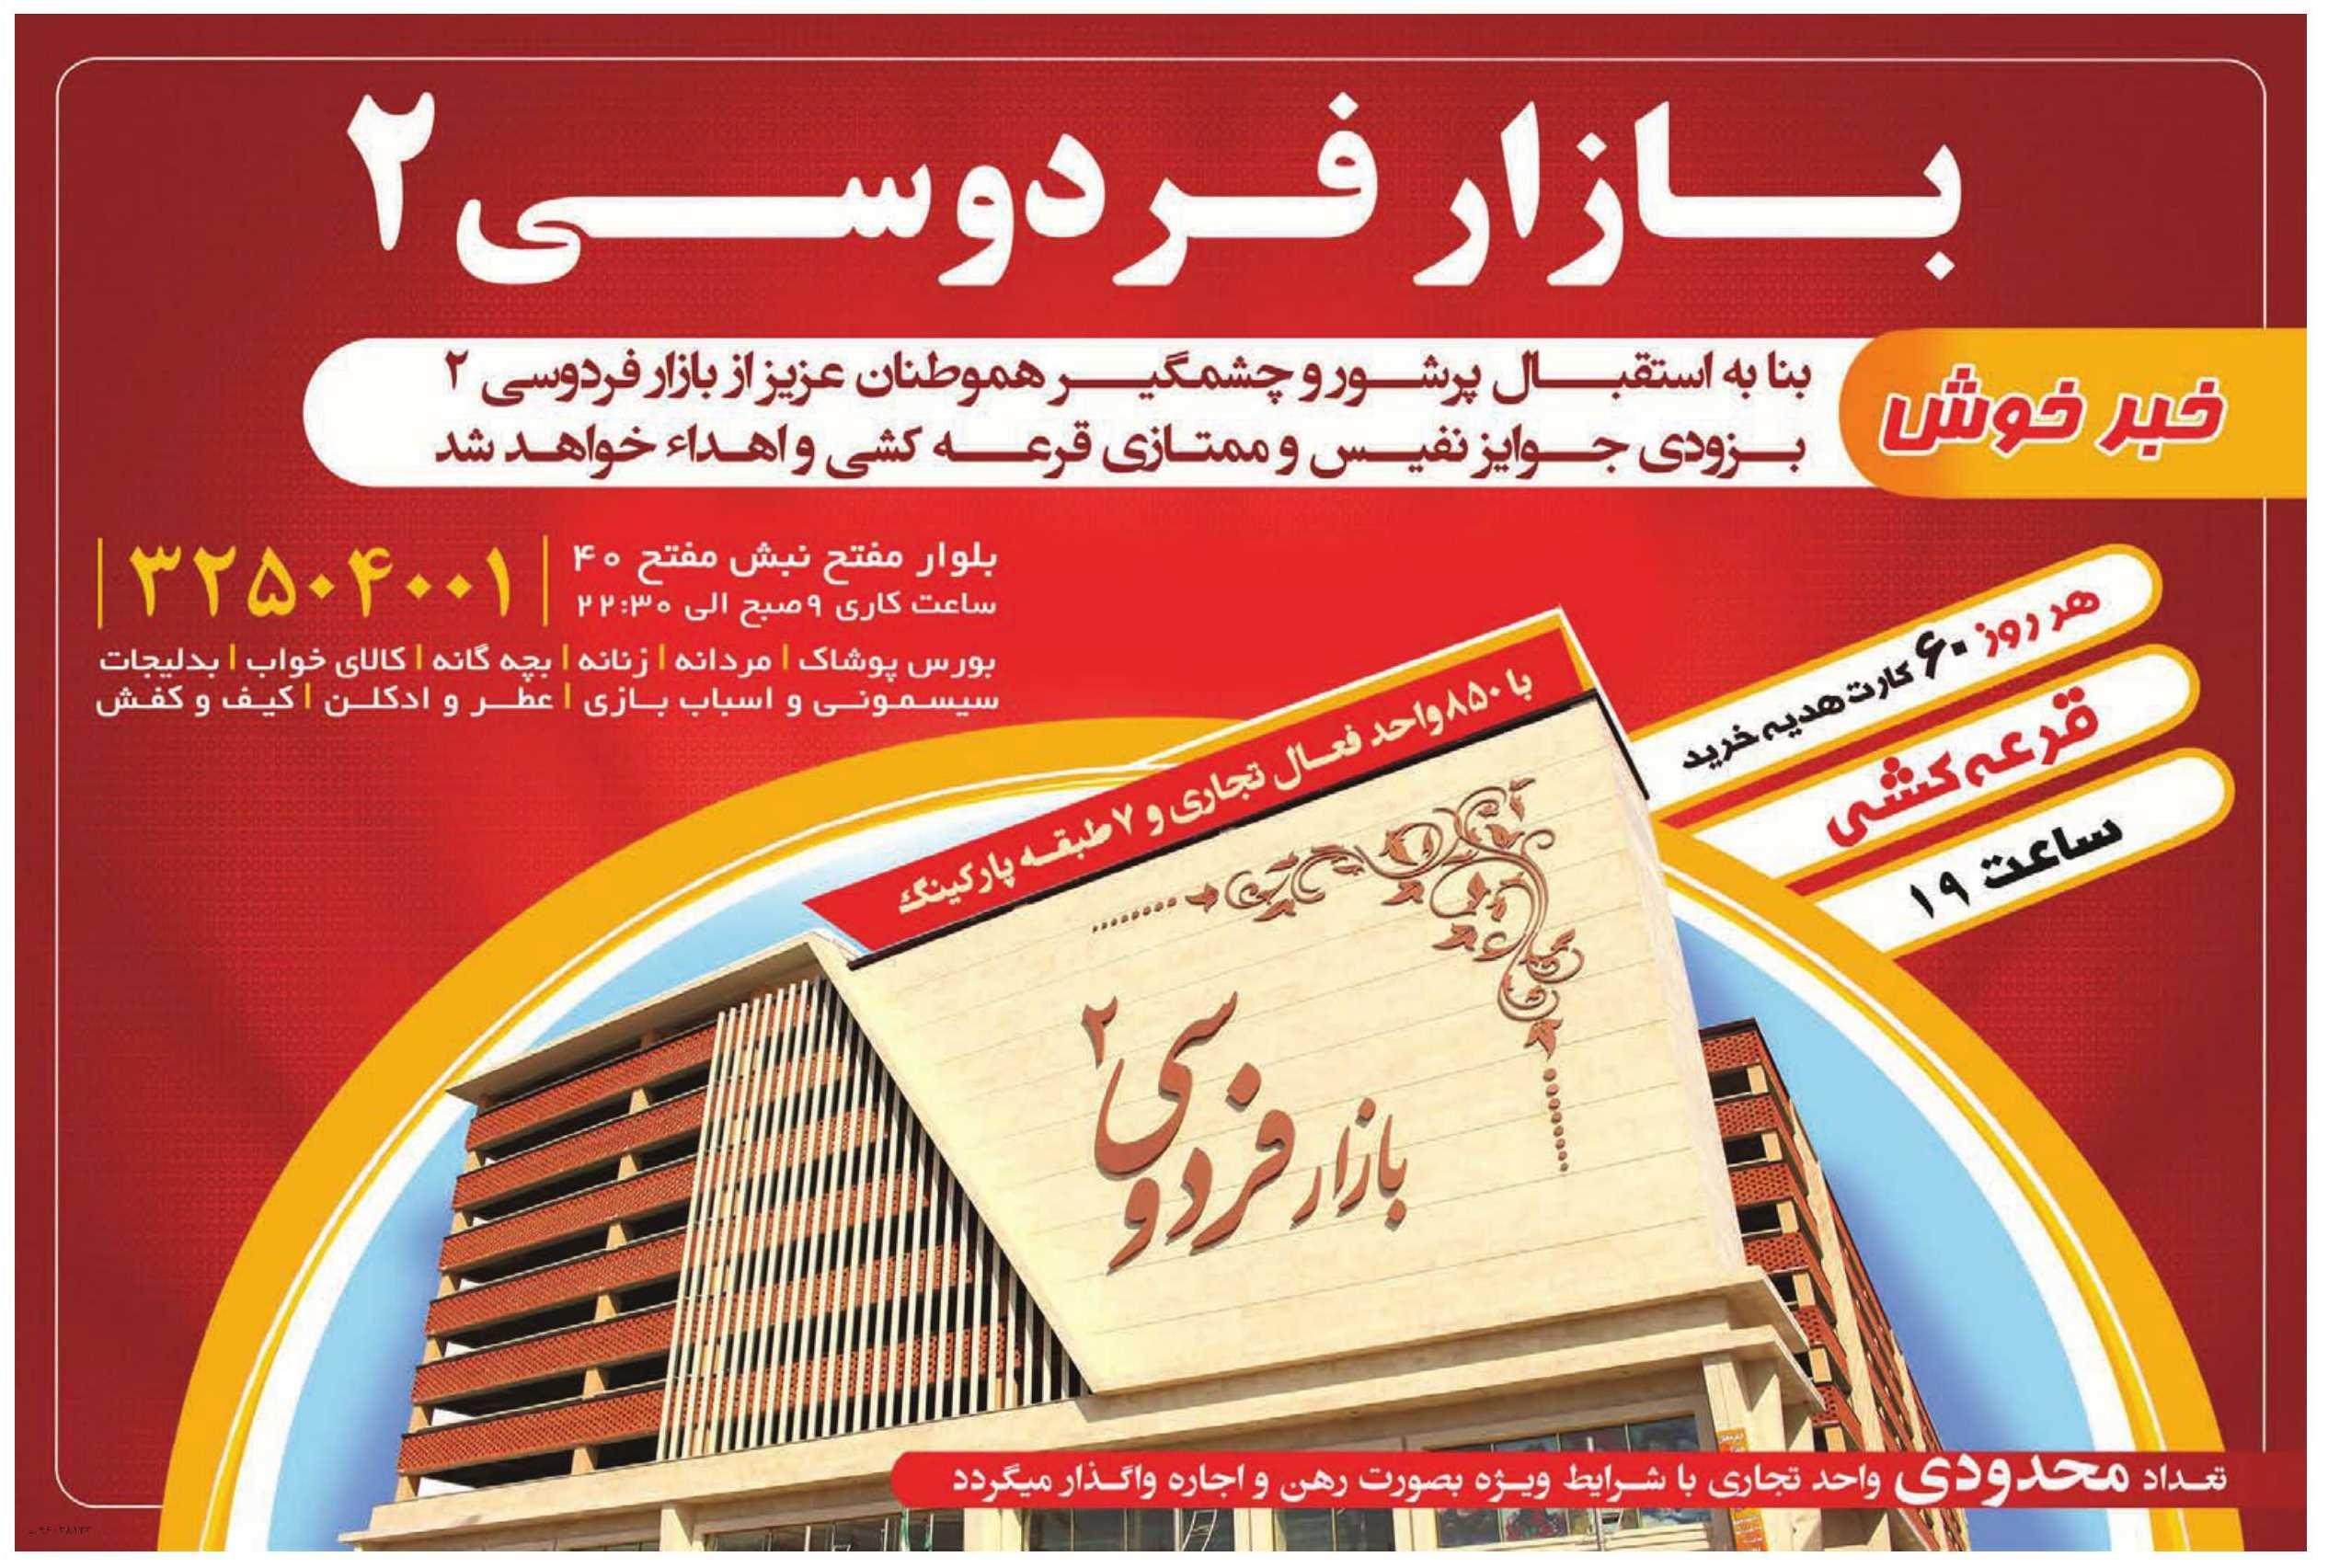 شماره سینما تک صفائیه خراسان | شماره :19574 | تاریخ 1396/4/13